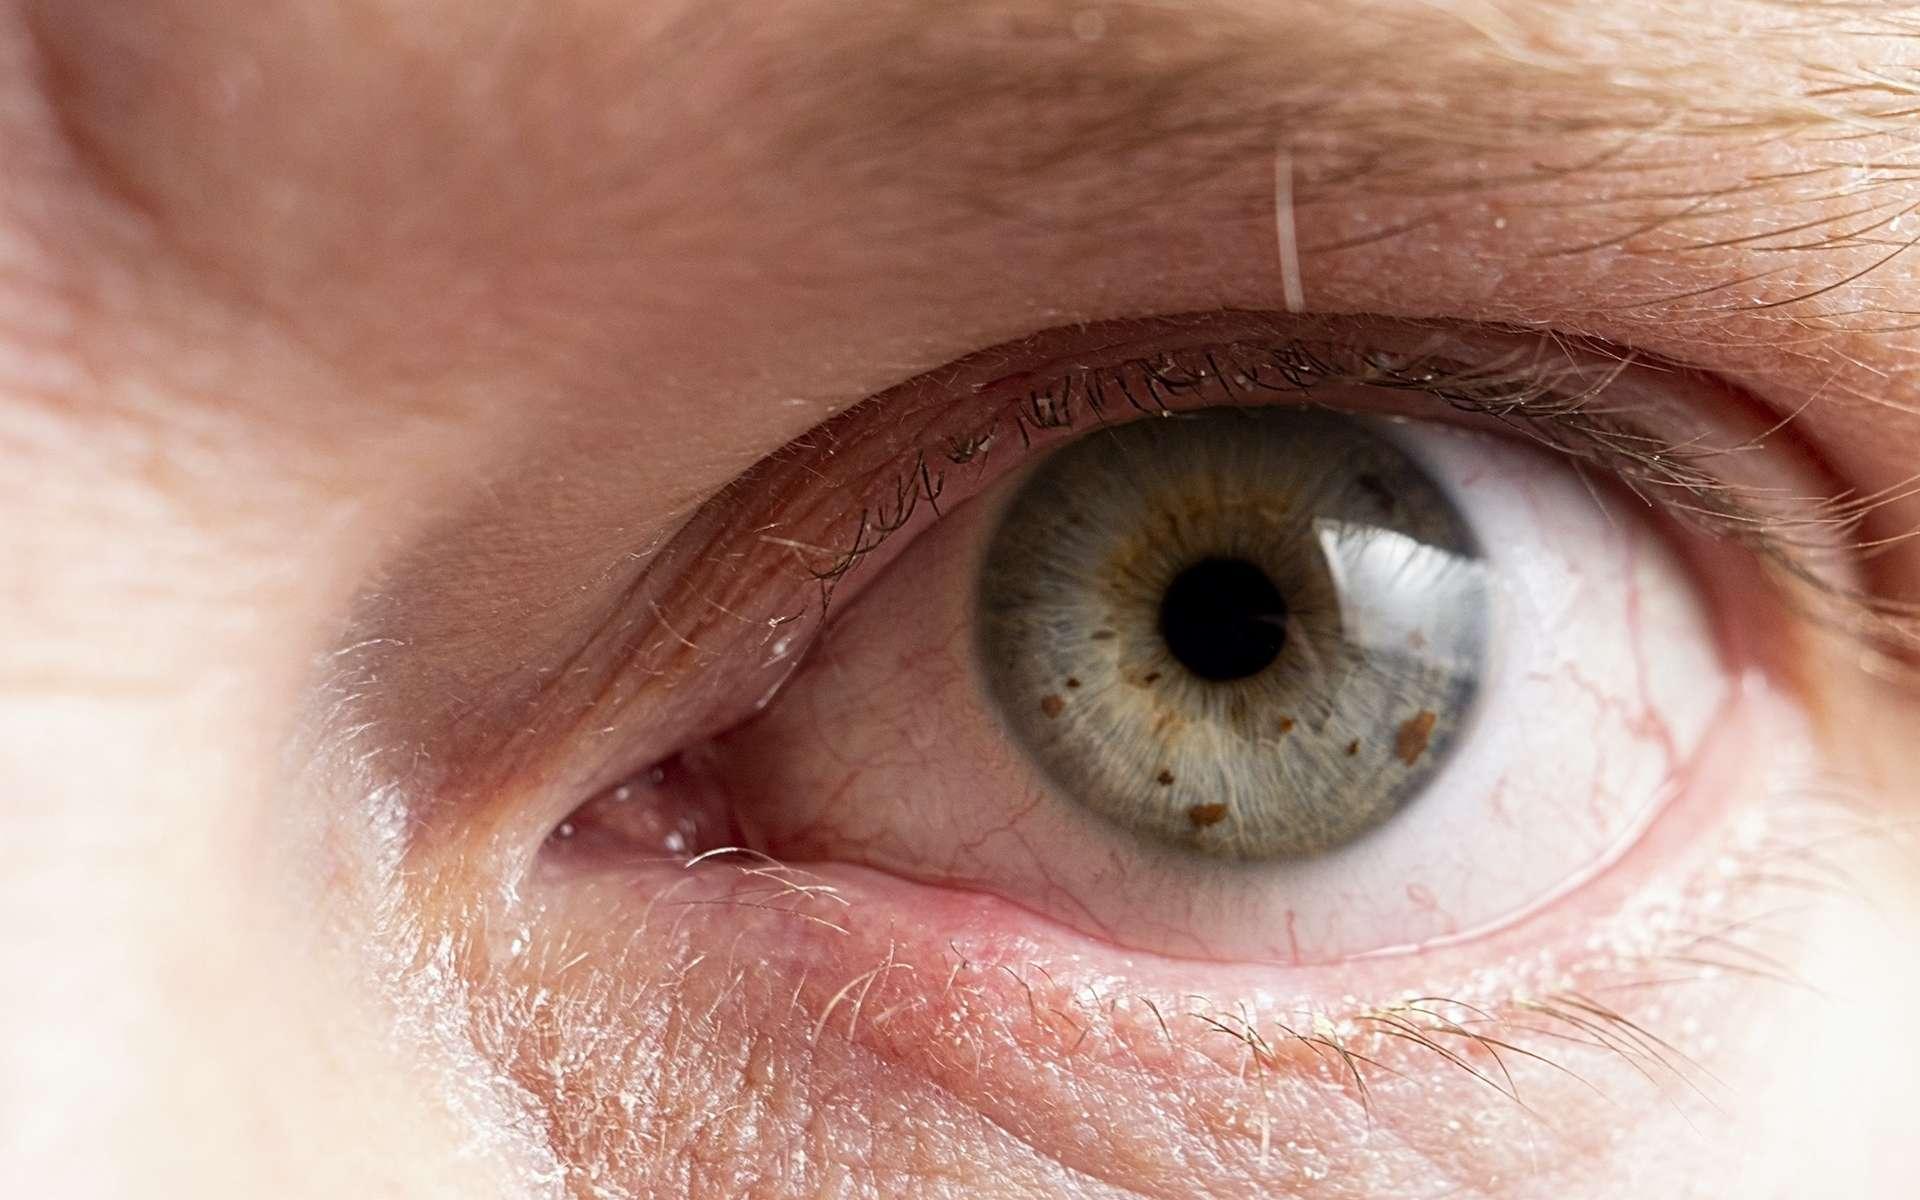 Le syndrome de Gougerot-Sjögren se manifeste par un syndrome sec des yeux et de la bouche. © EduardSkorov, Adobe Stock